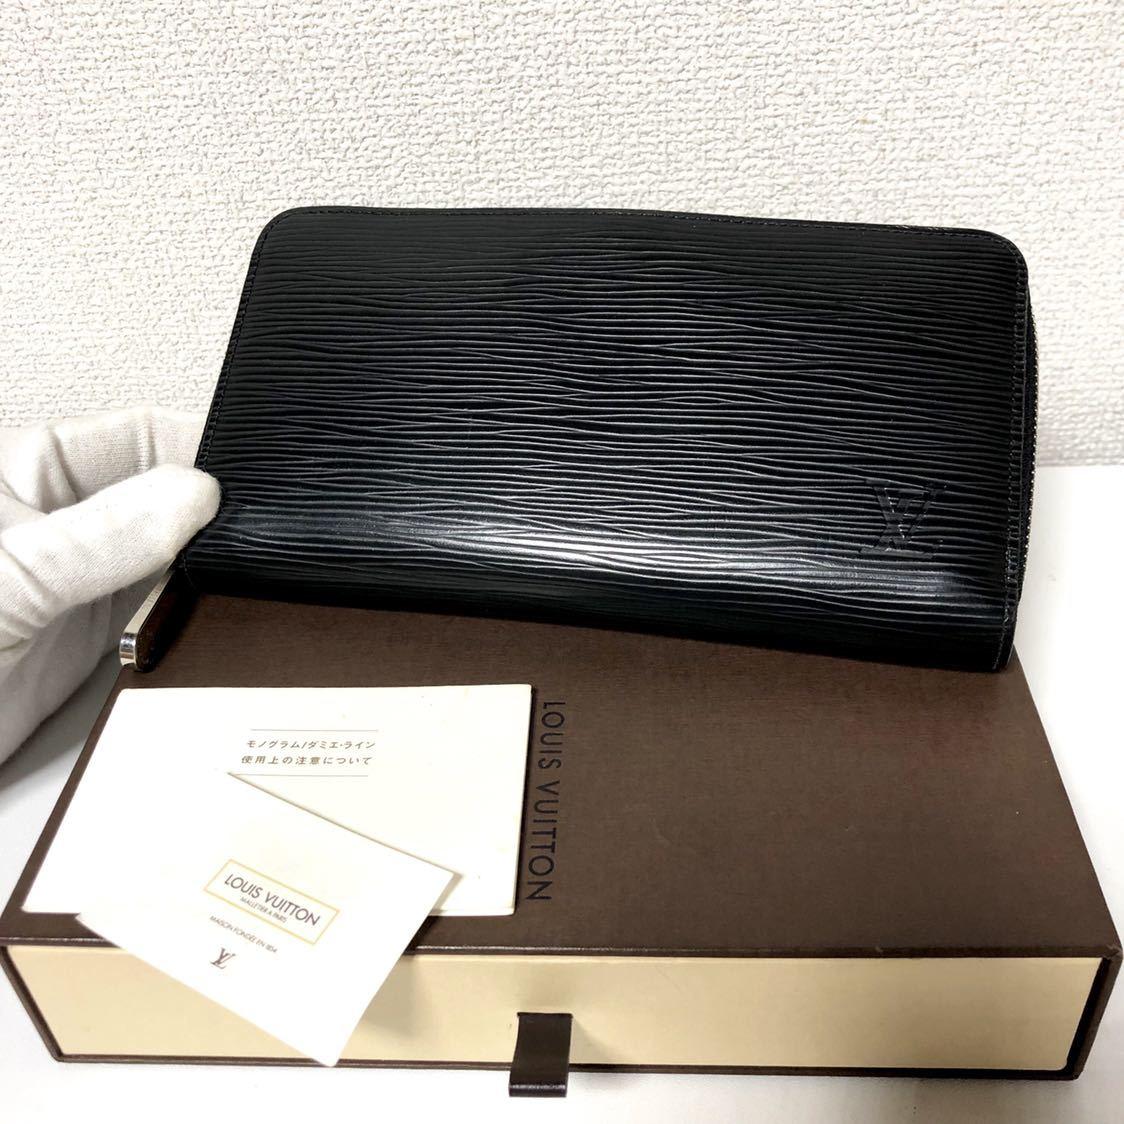 92★超極美品★ルイヴィトン★ジップ 長財布 ジッピー エピ★正規品★